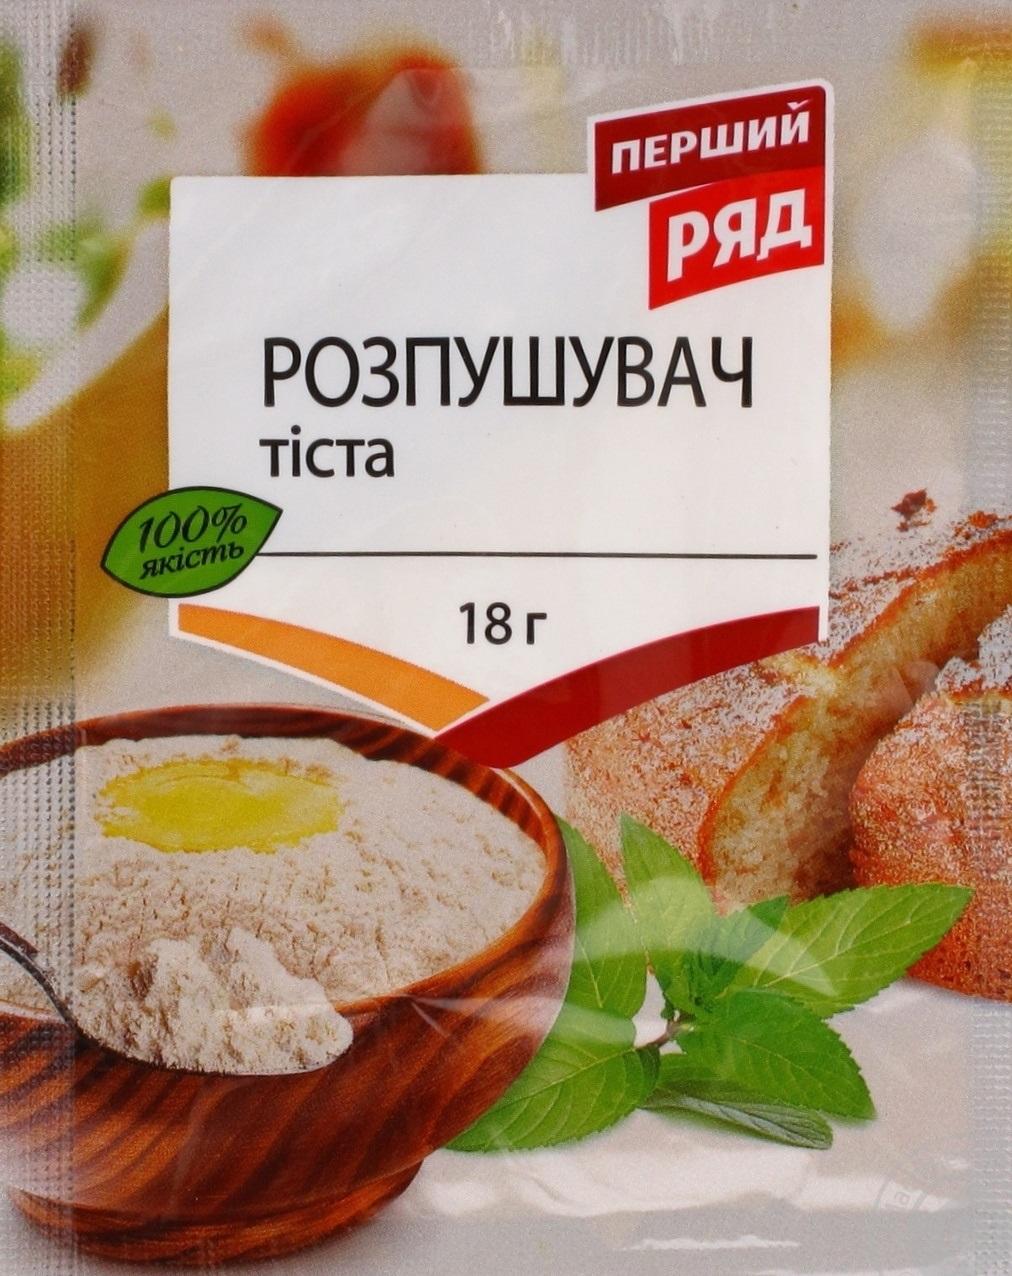 розпушувач для тіста | Харчова сода VS розпушувач | Блог | Торт на замовлення